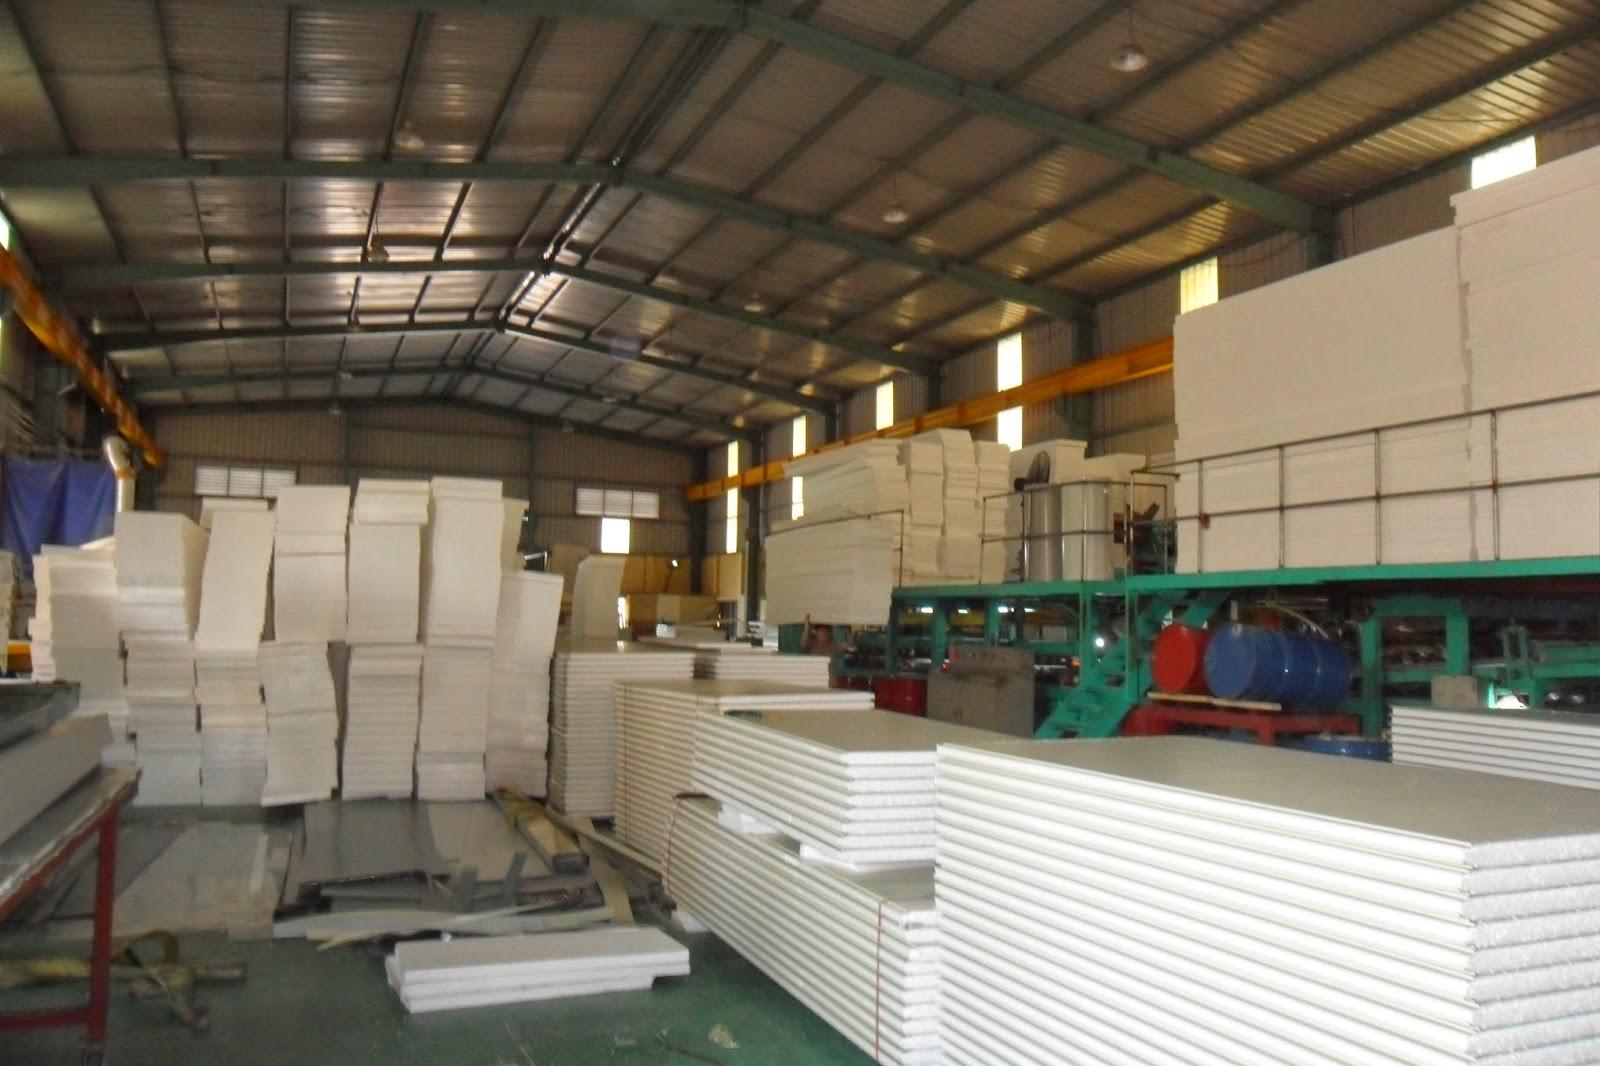 nhà máy sản xuát xốp chống nóng